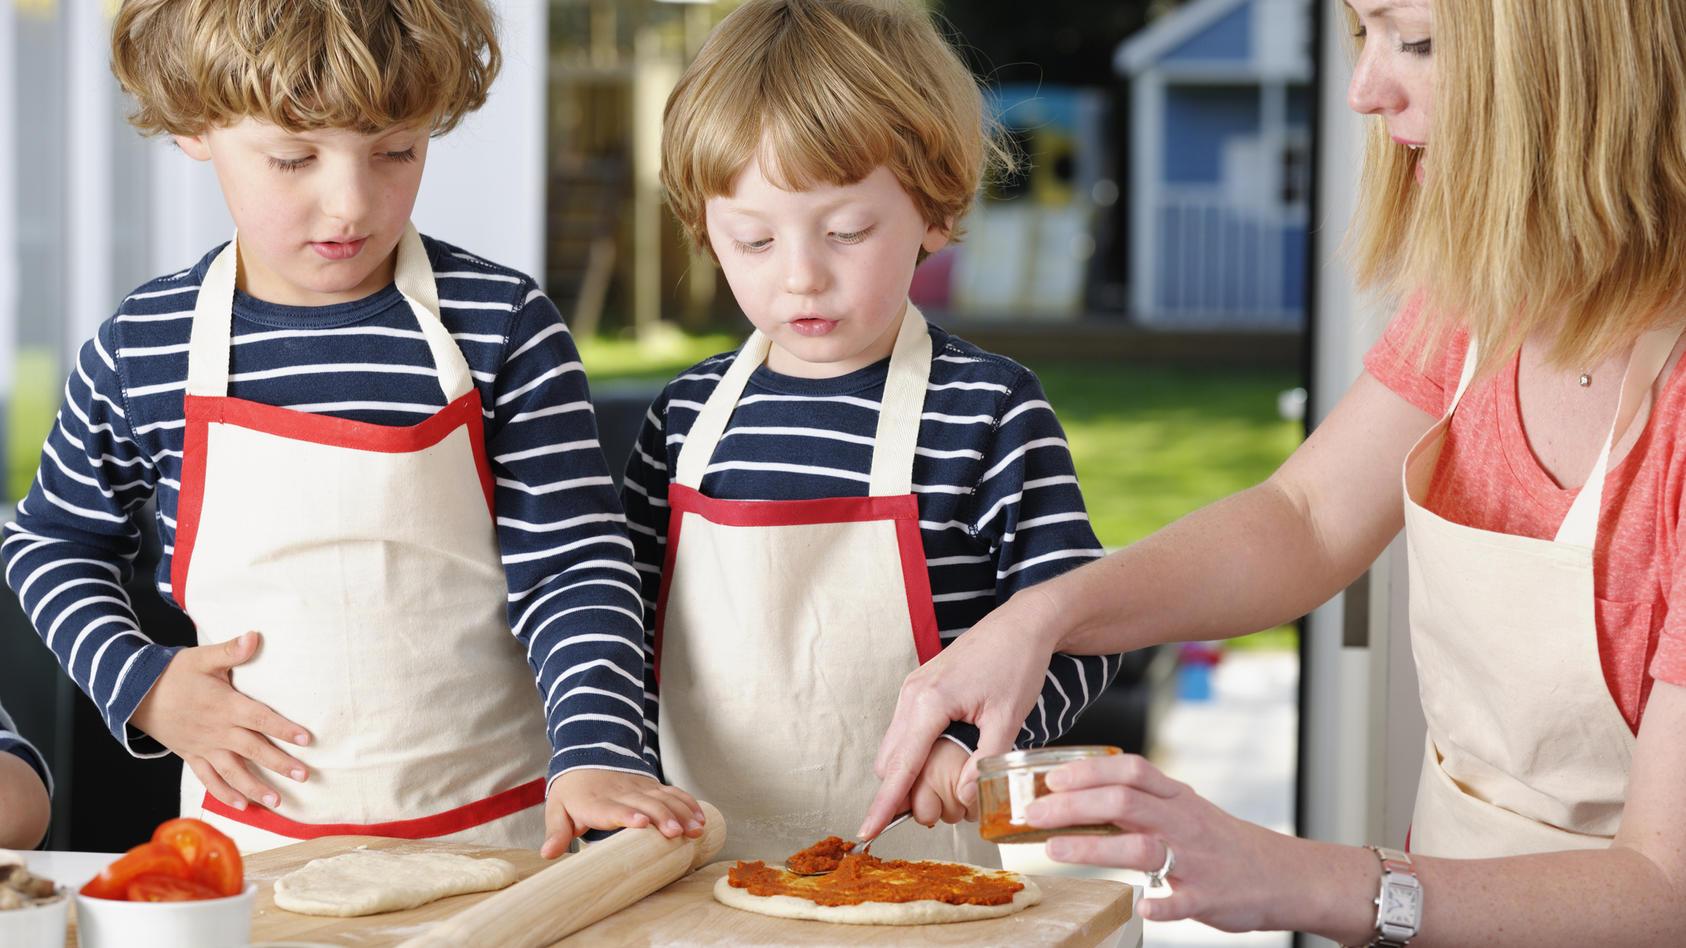 Kinder lieben Pizza - besonders wenn sie selbstgemacht ist.